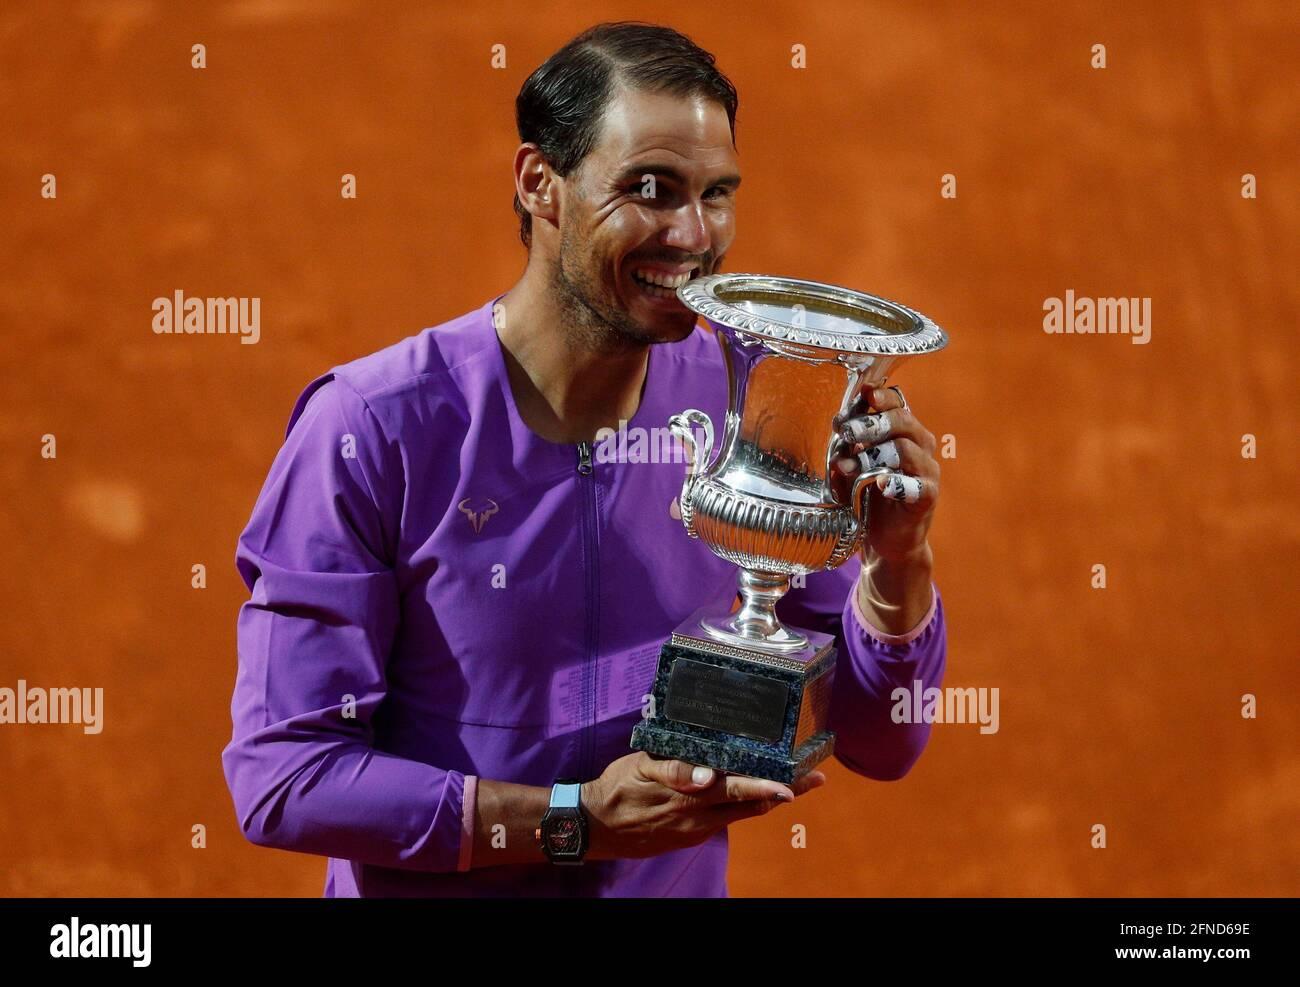 Tennis - ATP Masters 1000 - Ital Open - Foro Italico, Rom, Italien - 16. Mai 2021 der Spanier Rafael Nadal feiert mit der Trophäe nach dem Gewinn seines letzten Spiels gegen den serbischen Novak Djokovic REUTERS/Guglielmo Mangiapane Stockfoto